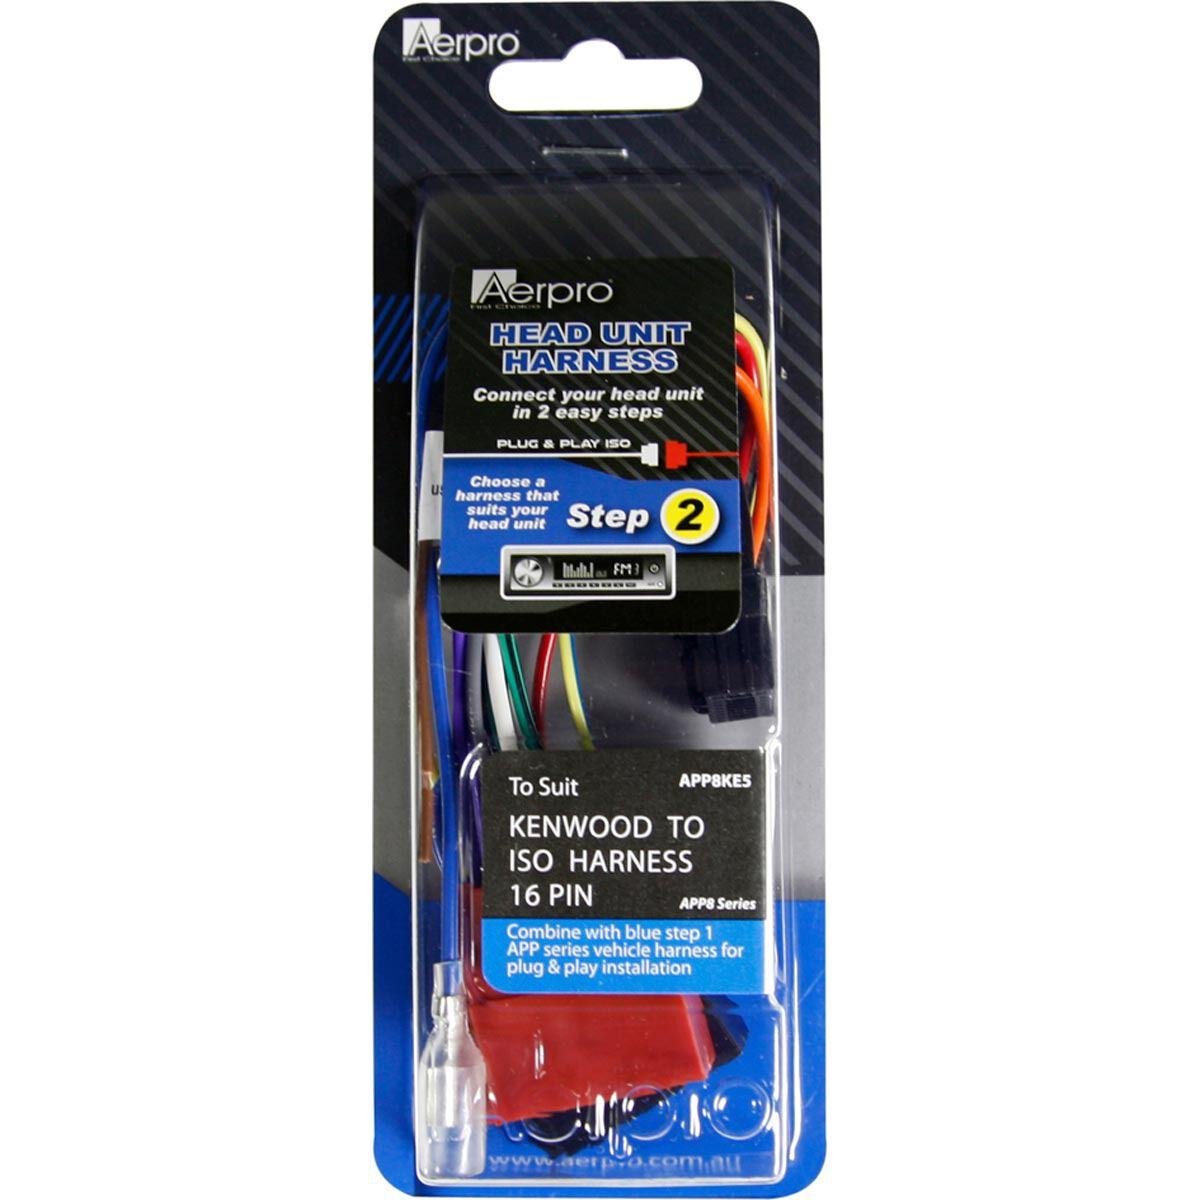 wiring harness kenwood 16 pin supercheap auto rh supercheapauto com au Kenwood KDC 128 Wiring Harness Kenwood KDC Mp342u Wiring Harness